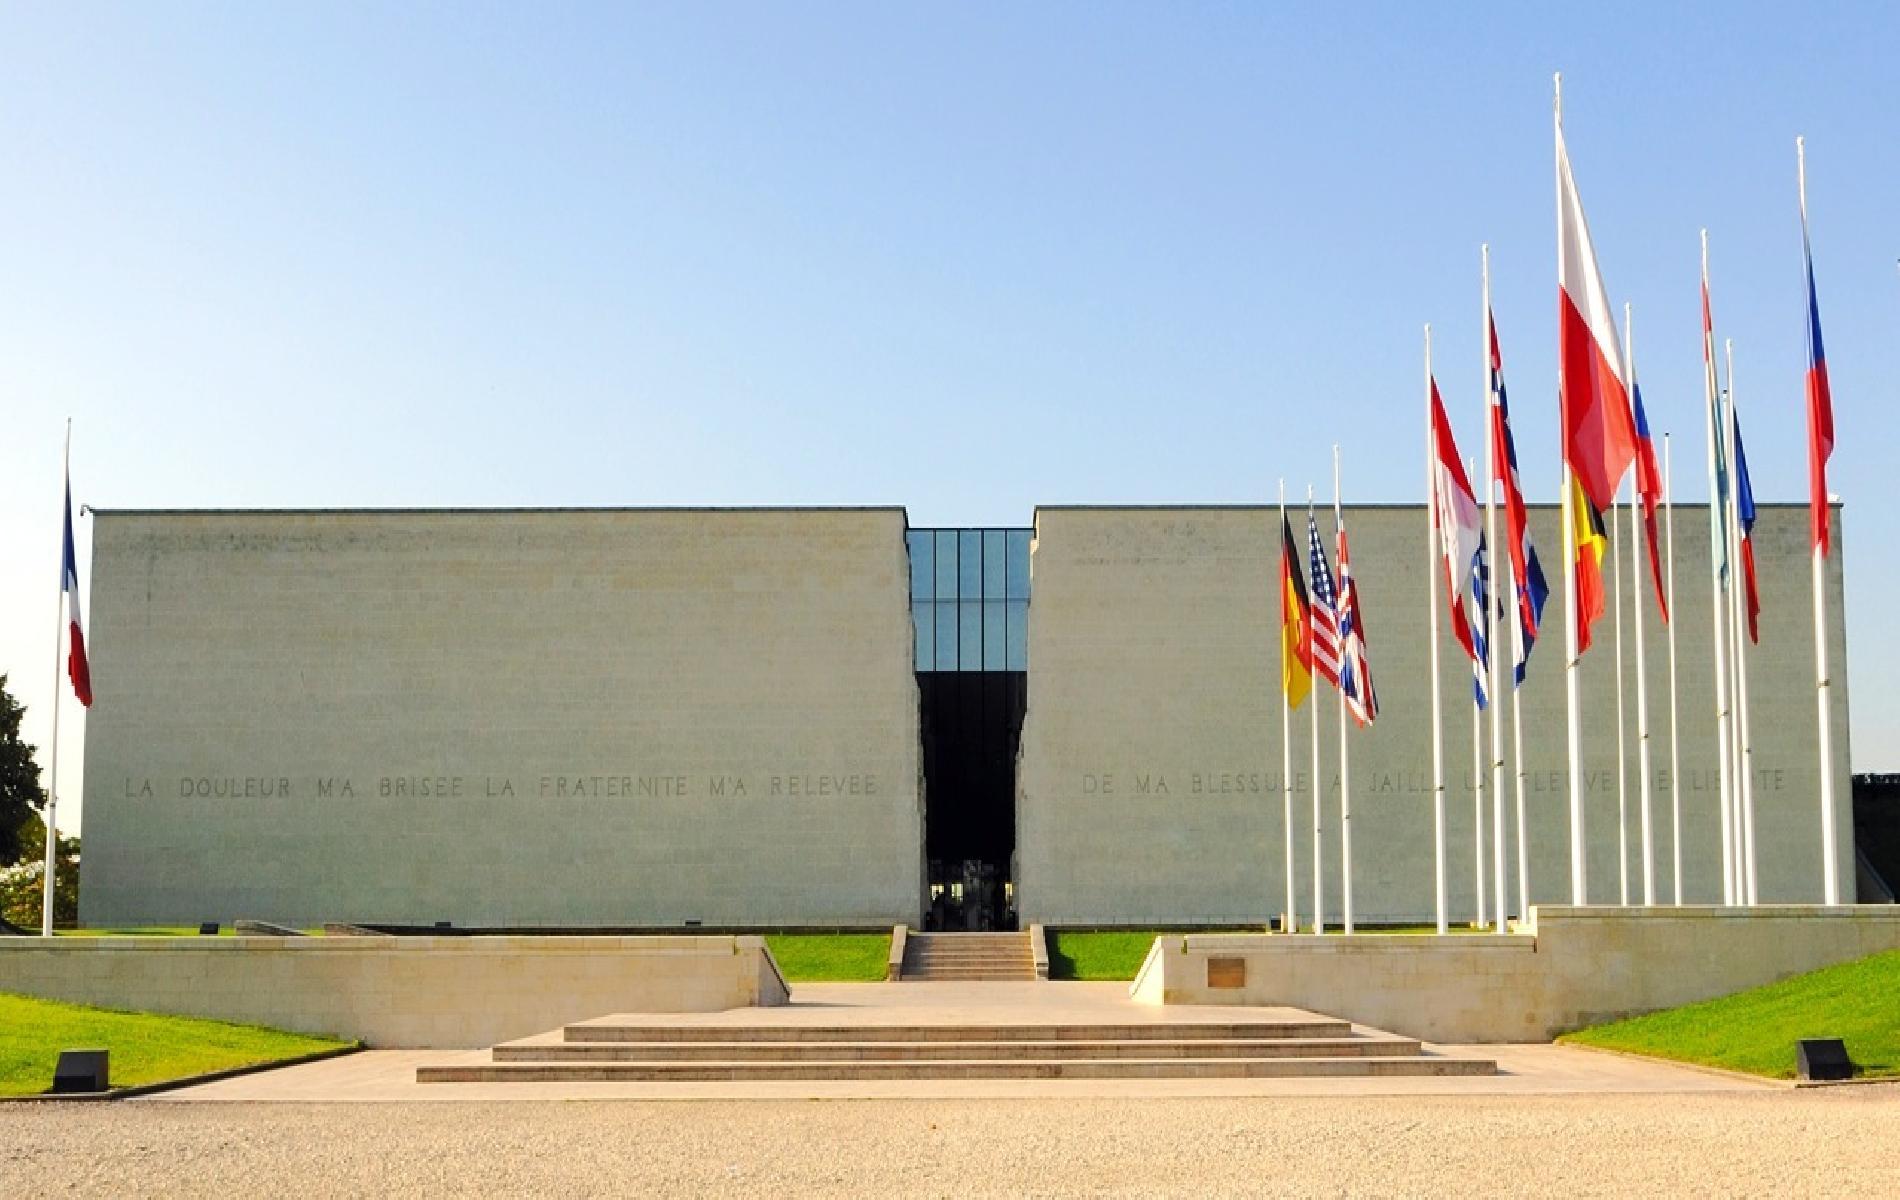 Caen Memorial